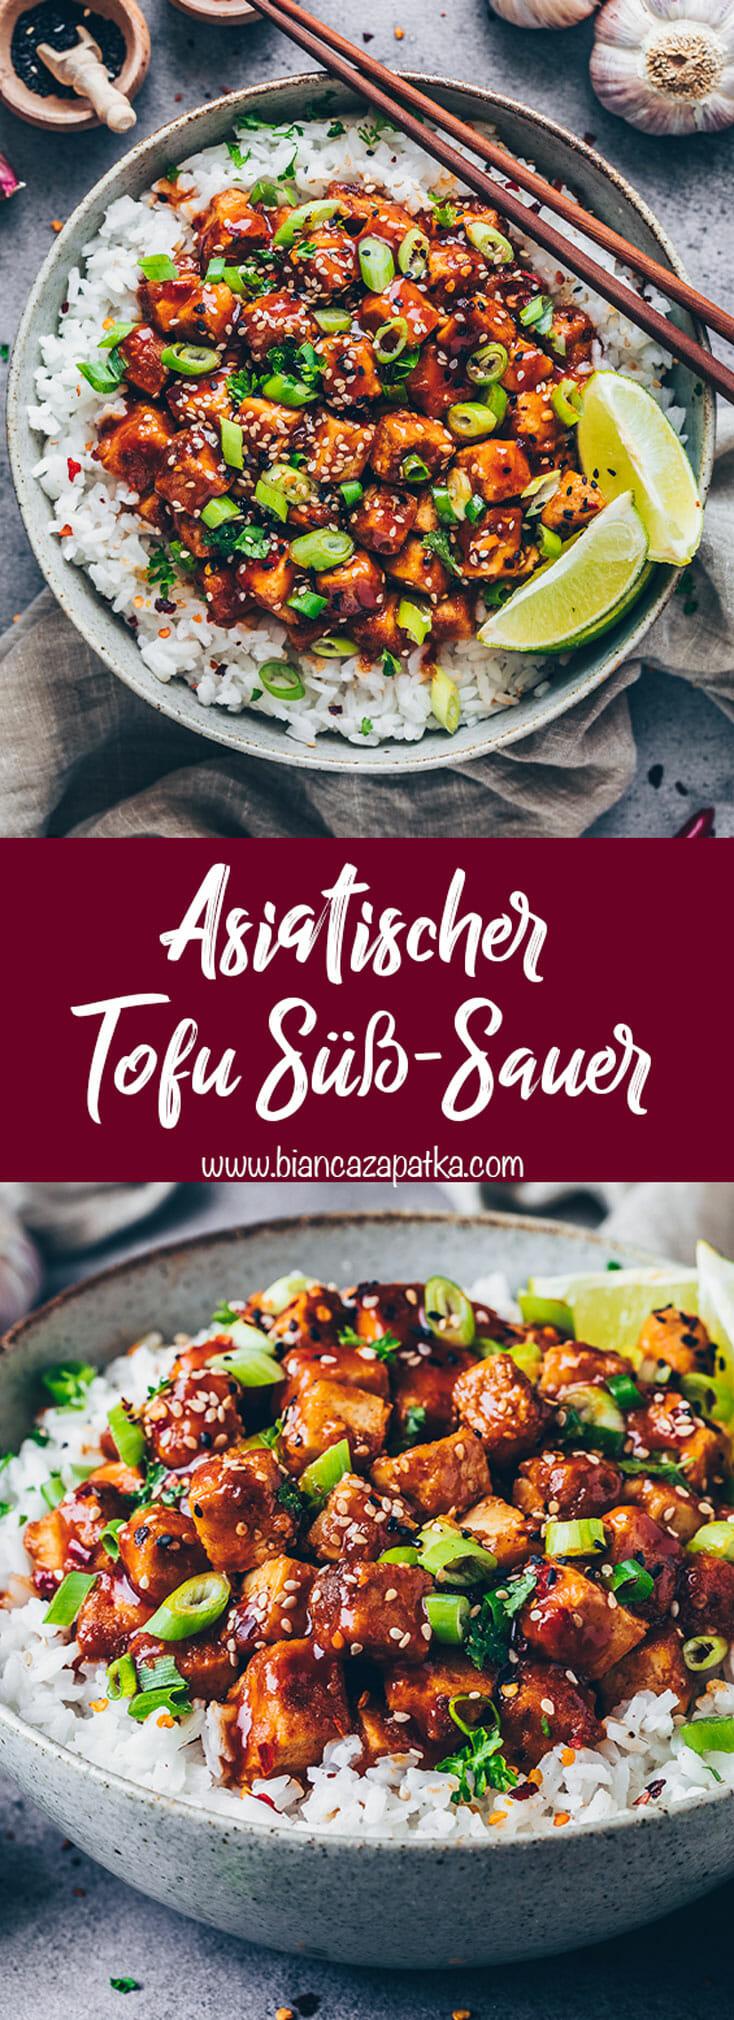 Asiatischer Tofu mit Süß-Sauer-Soße